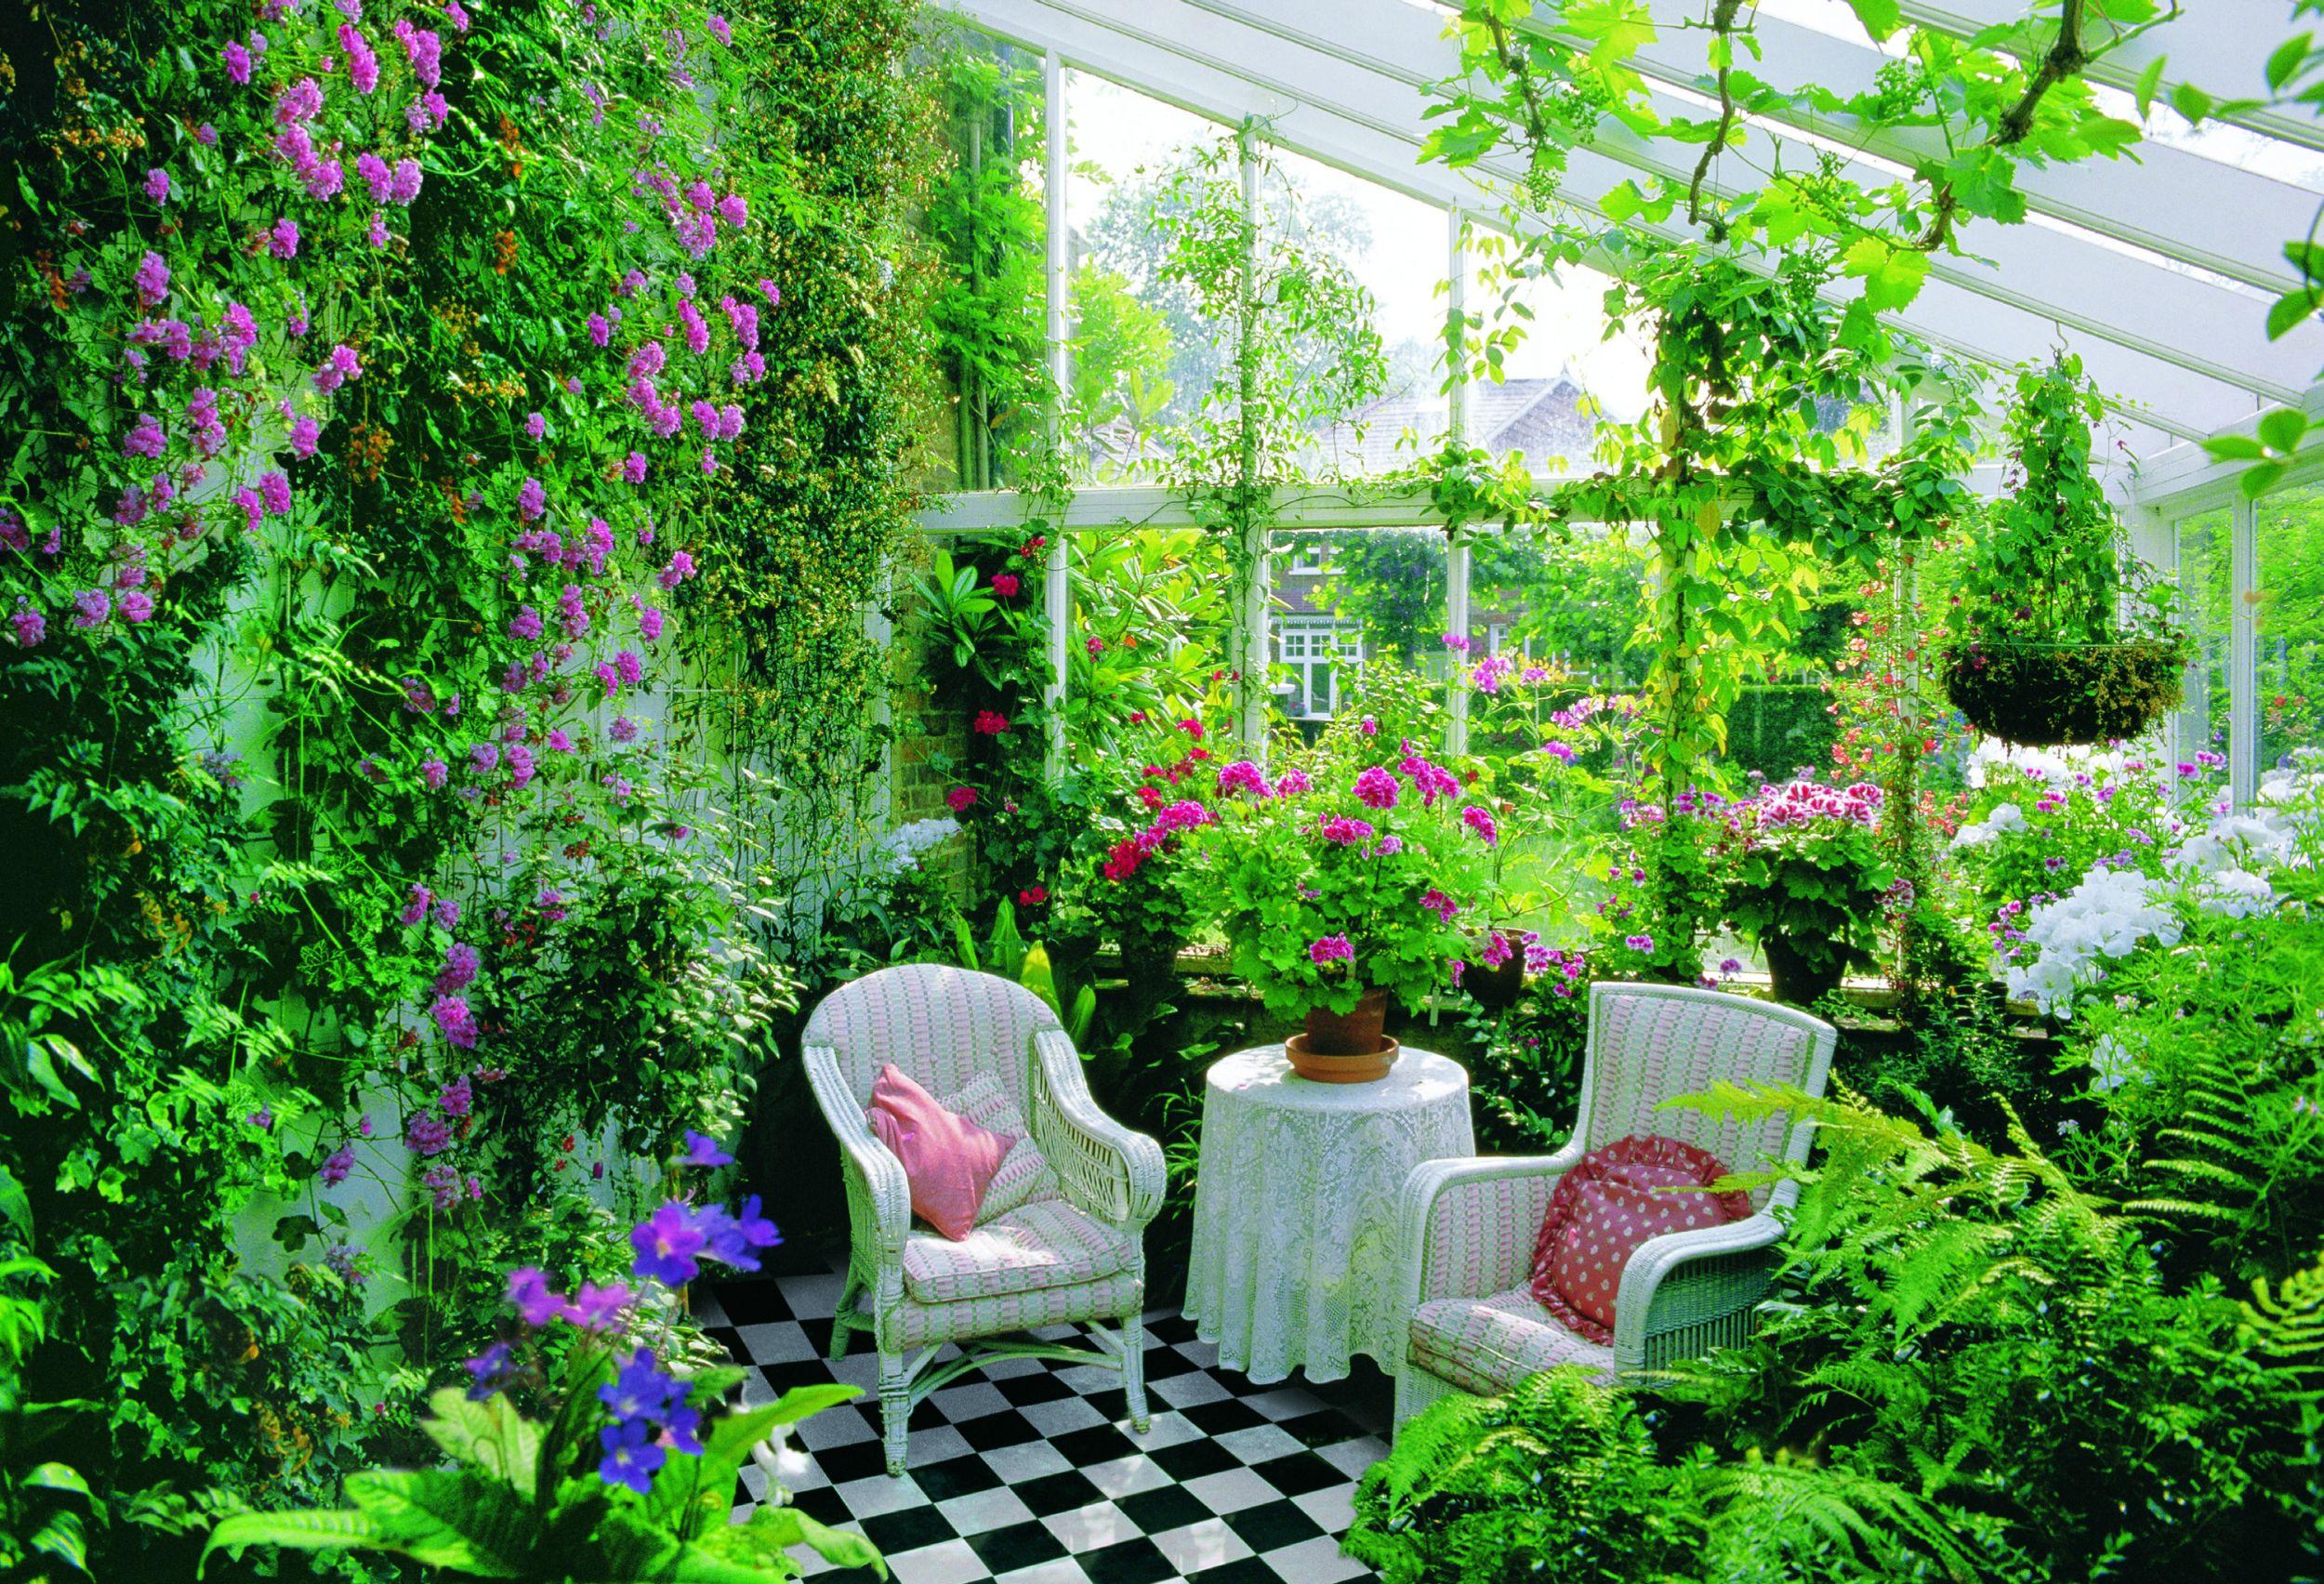 Системи вентиляції зимових садів від компанії  есток. Управління мікрокліматом в зимових садах способи відкривання кватирок